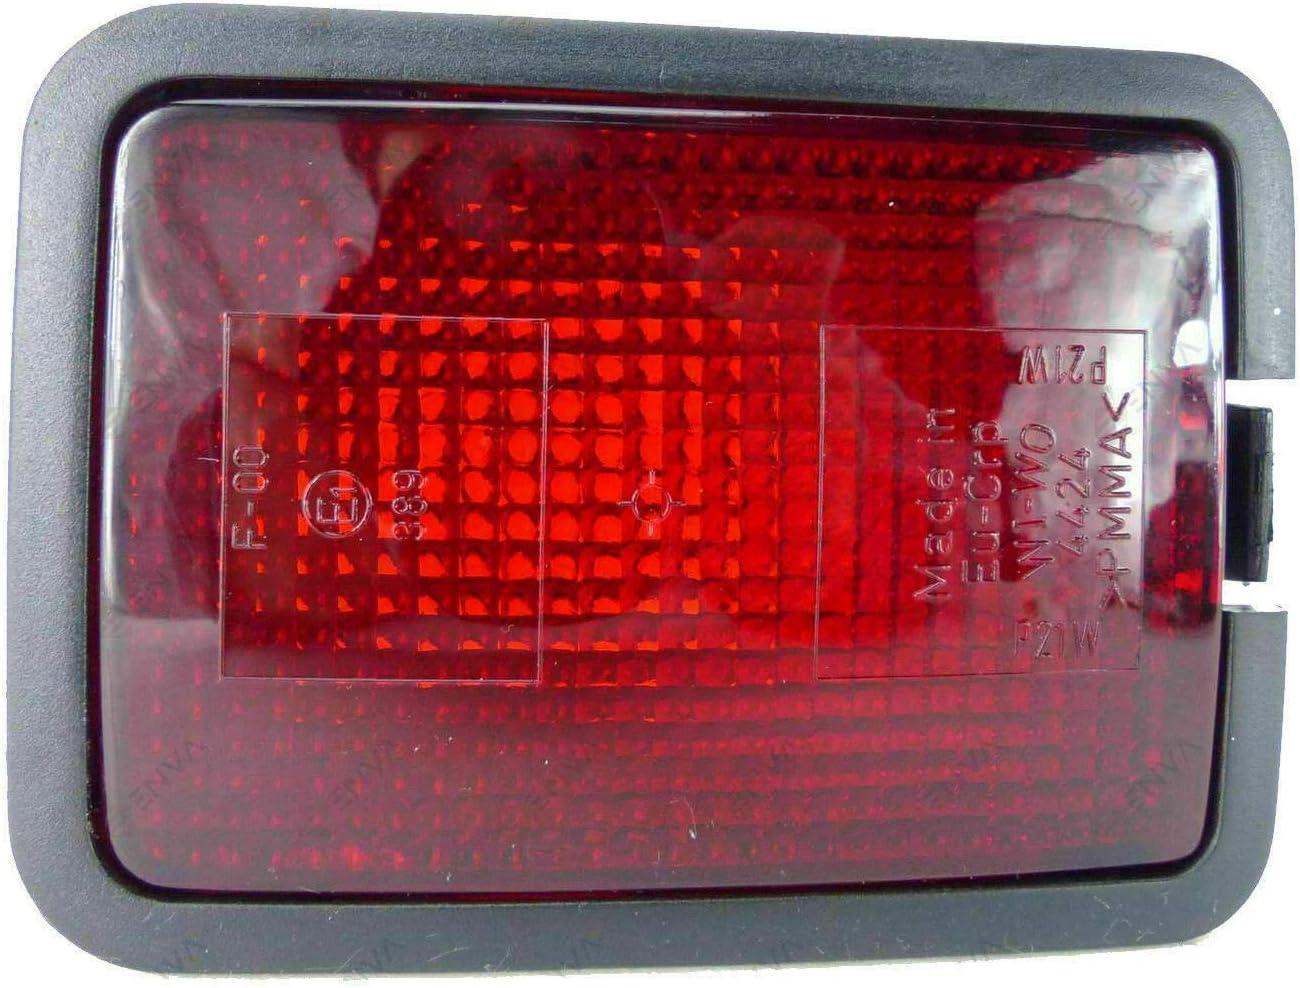 Feu antibrouillard arri/ère pour Caravelle Transporter T4 1990-2003 7D0945729